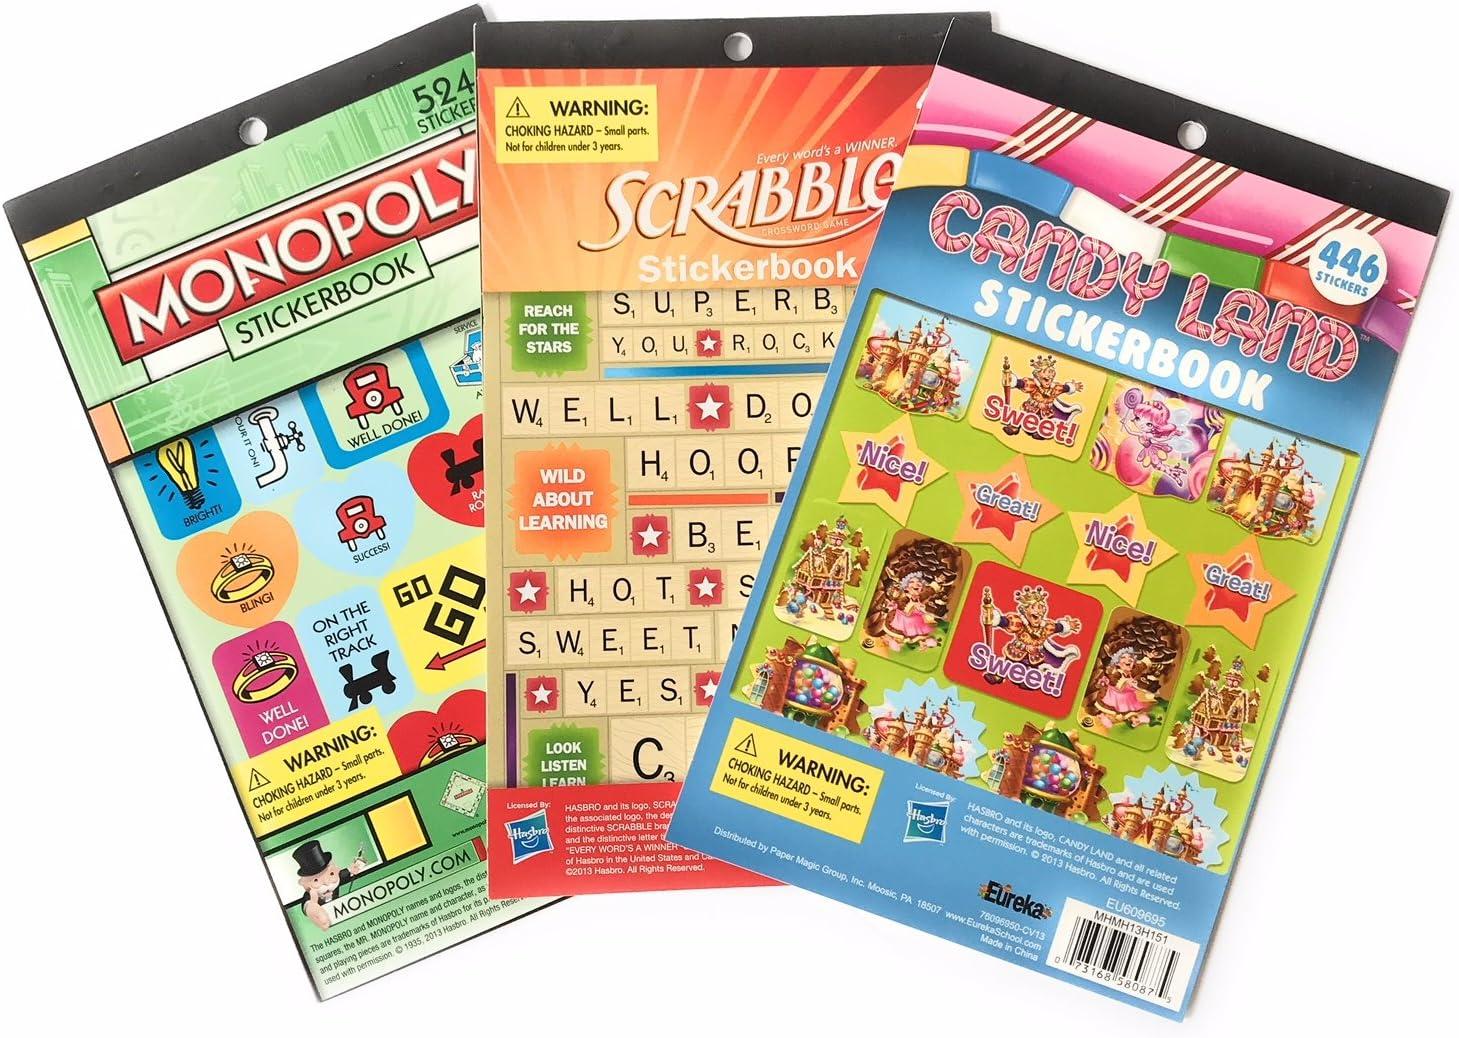 Paquete de pegatinas con diseño de Monopoly y Scrabble de Candy Land – muy bonito juego de pegatinas de juego de tablas nostálgicas – más de 1500 pegatinas.: Amazon.es: Oficina y papelería